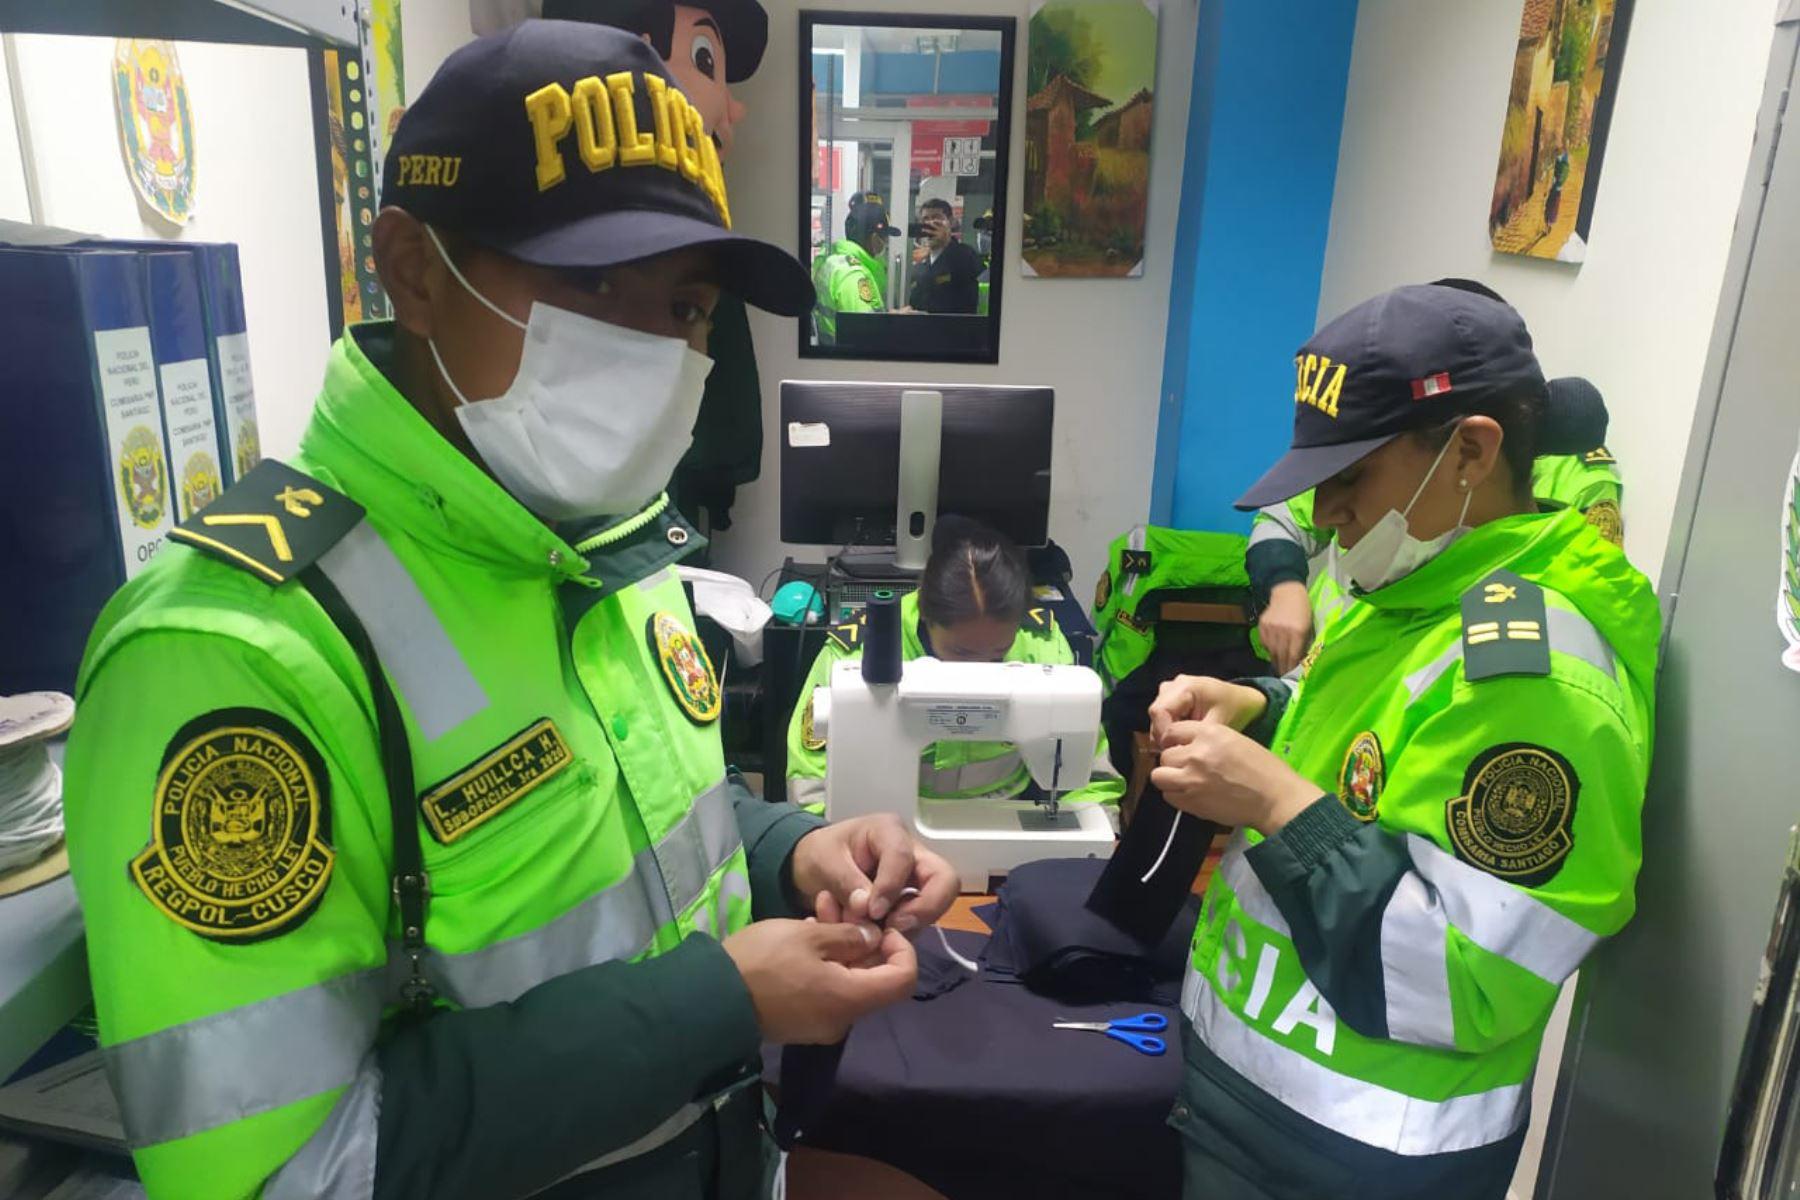 Policías elaboran mascarillas  para regalar a adultos mayores de Cusco. Foto: ANDINA/ Percy Hurtado